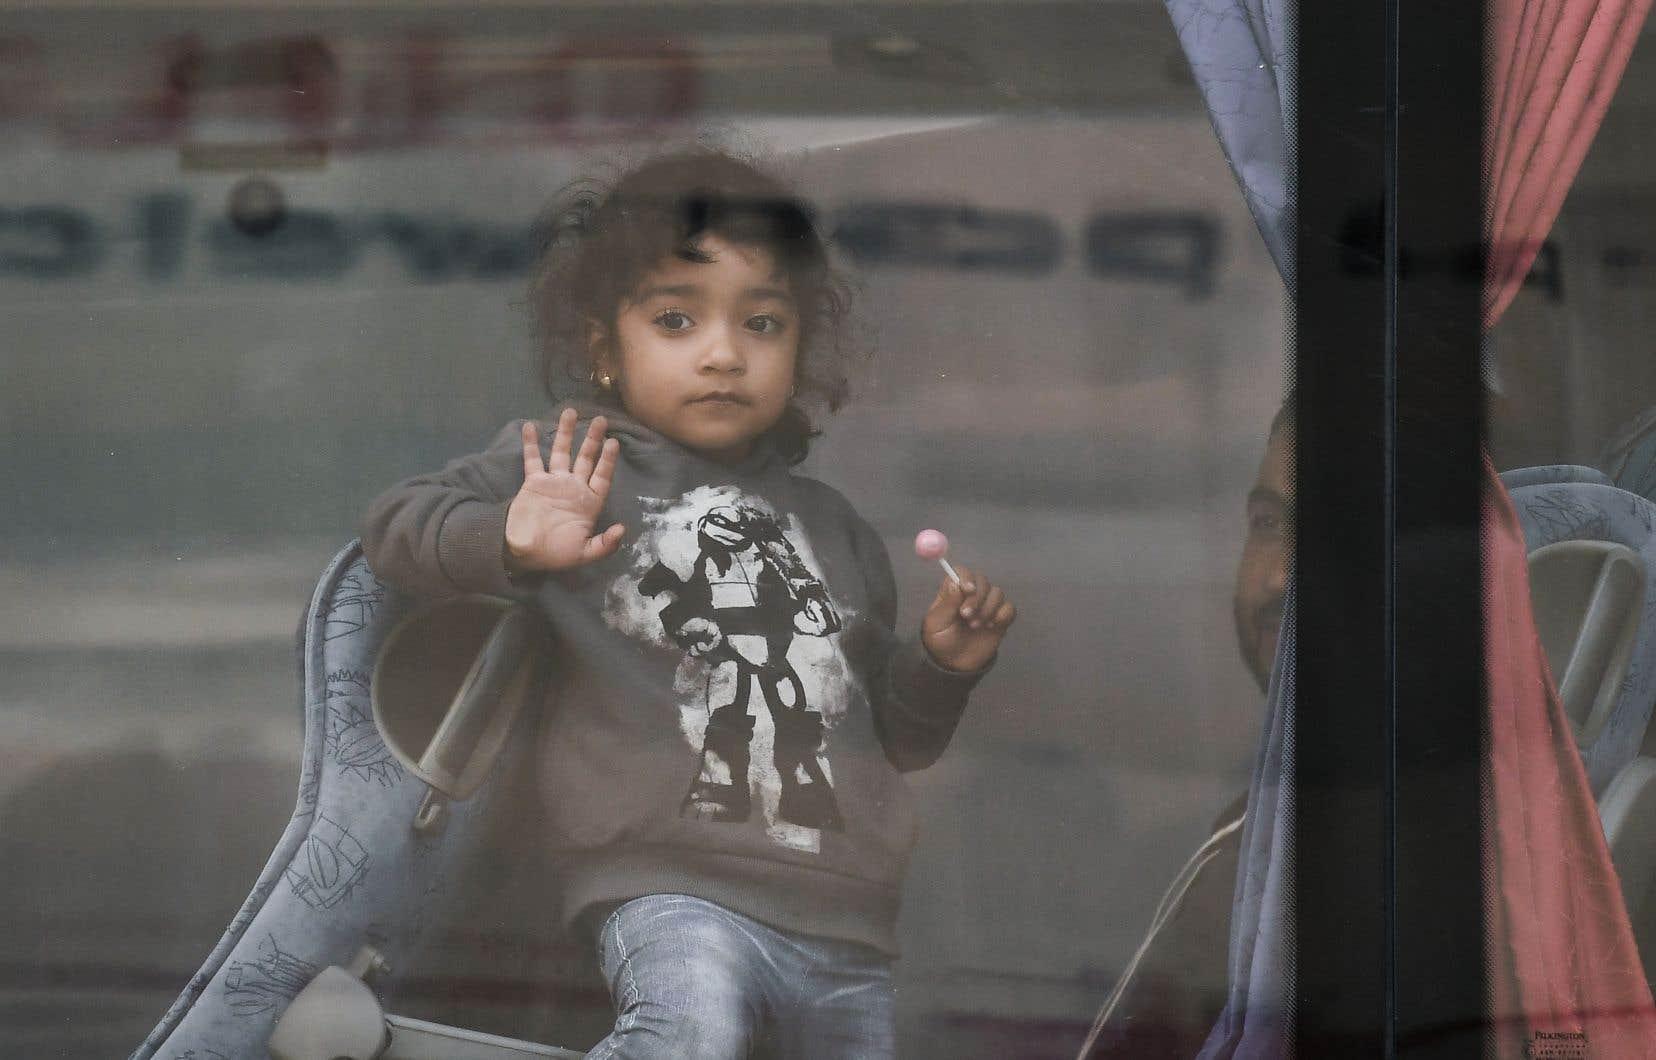 En 2019, la Grèce est redevenue la principale porte d'entrée des demandeurs d'asile en Europe, un problème qui a pris de court le gouvernement.